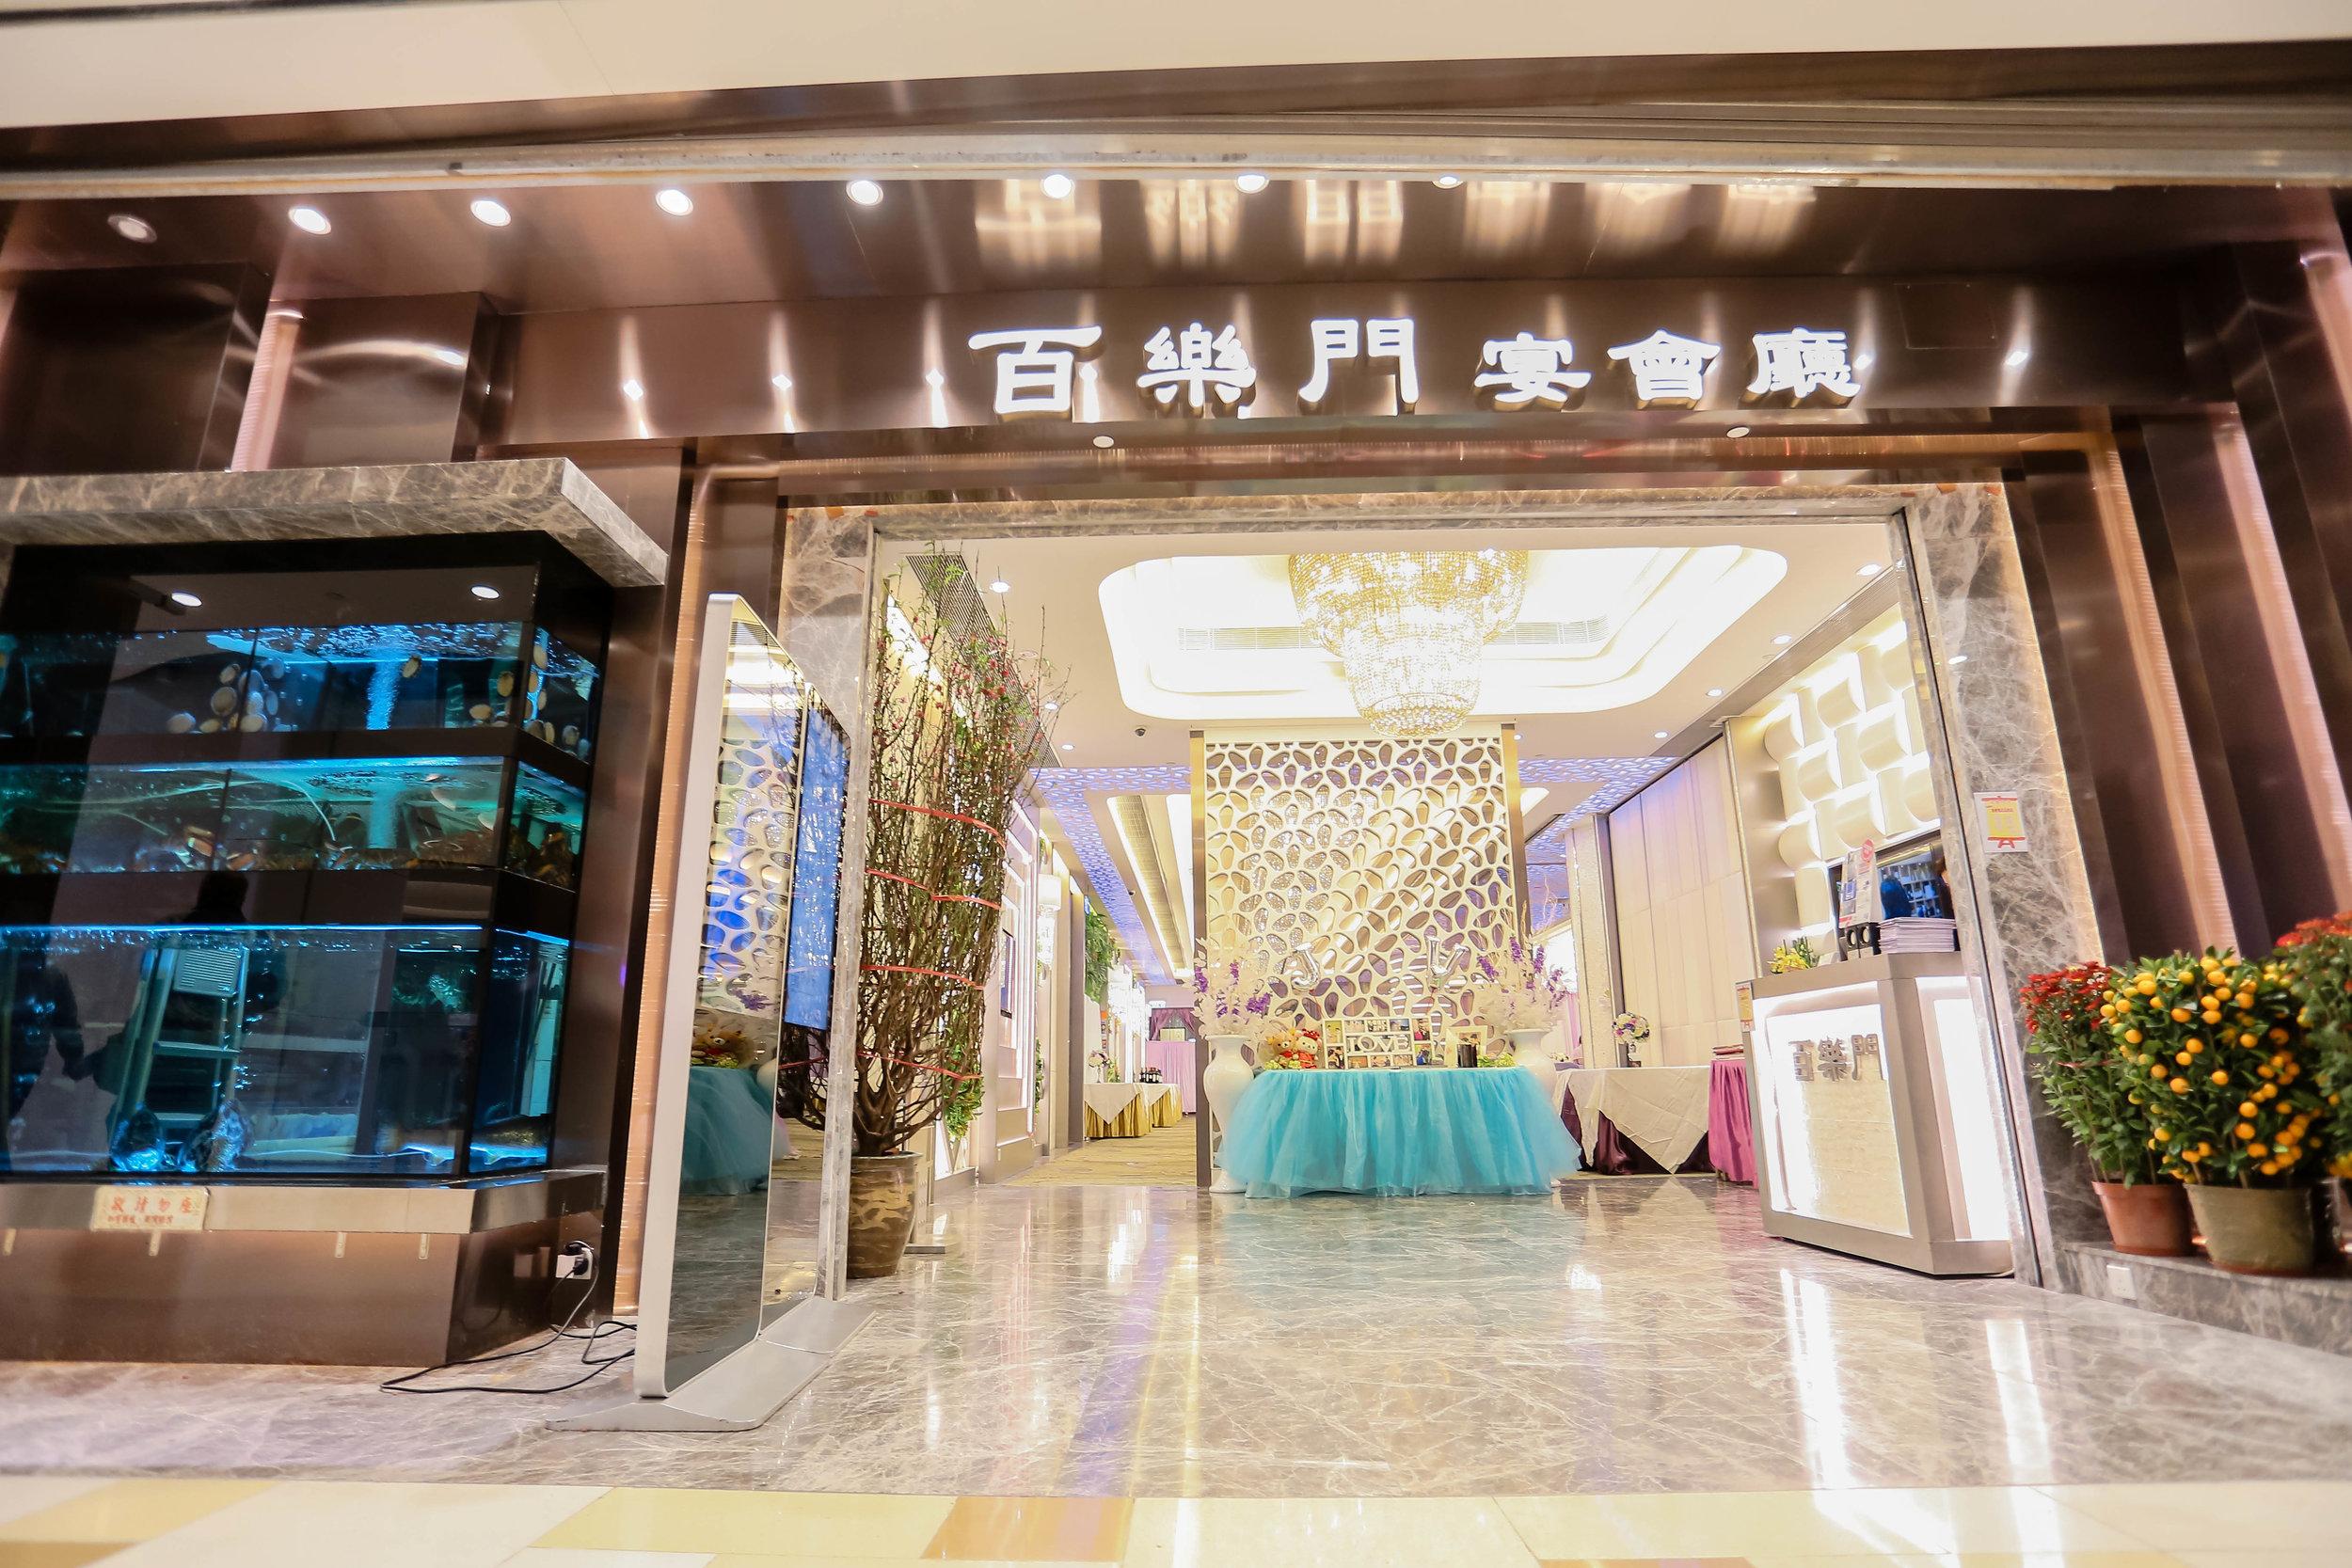 2017-1-23黃大仙百樂門 (5).jpg